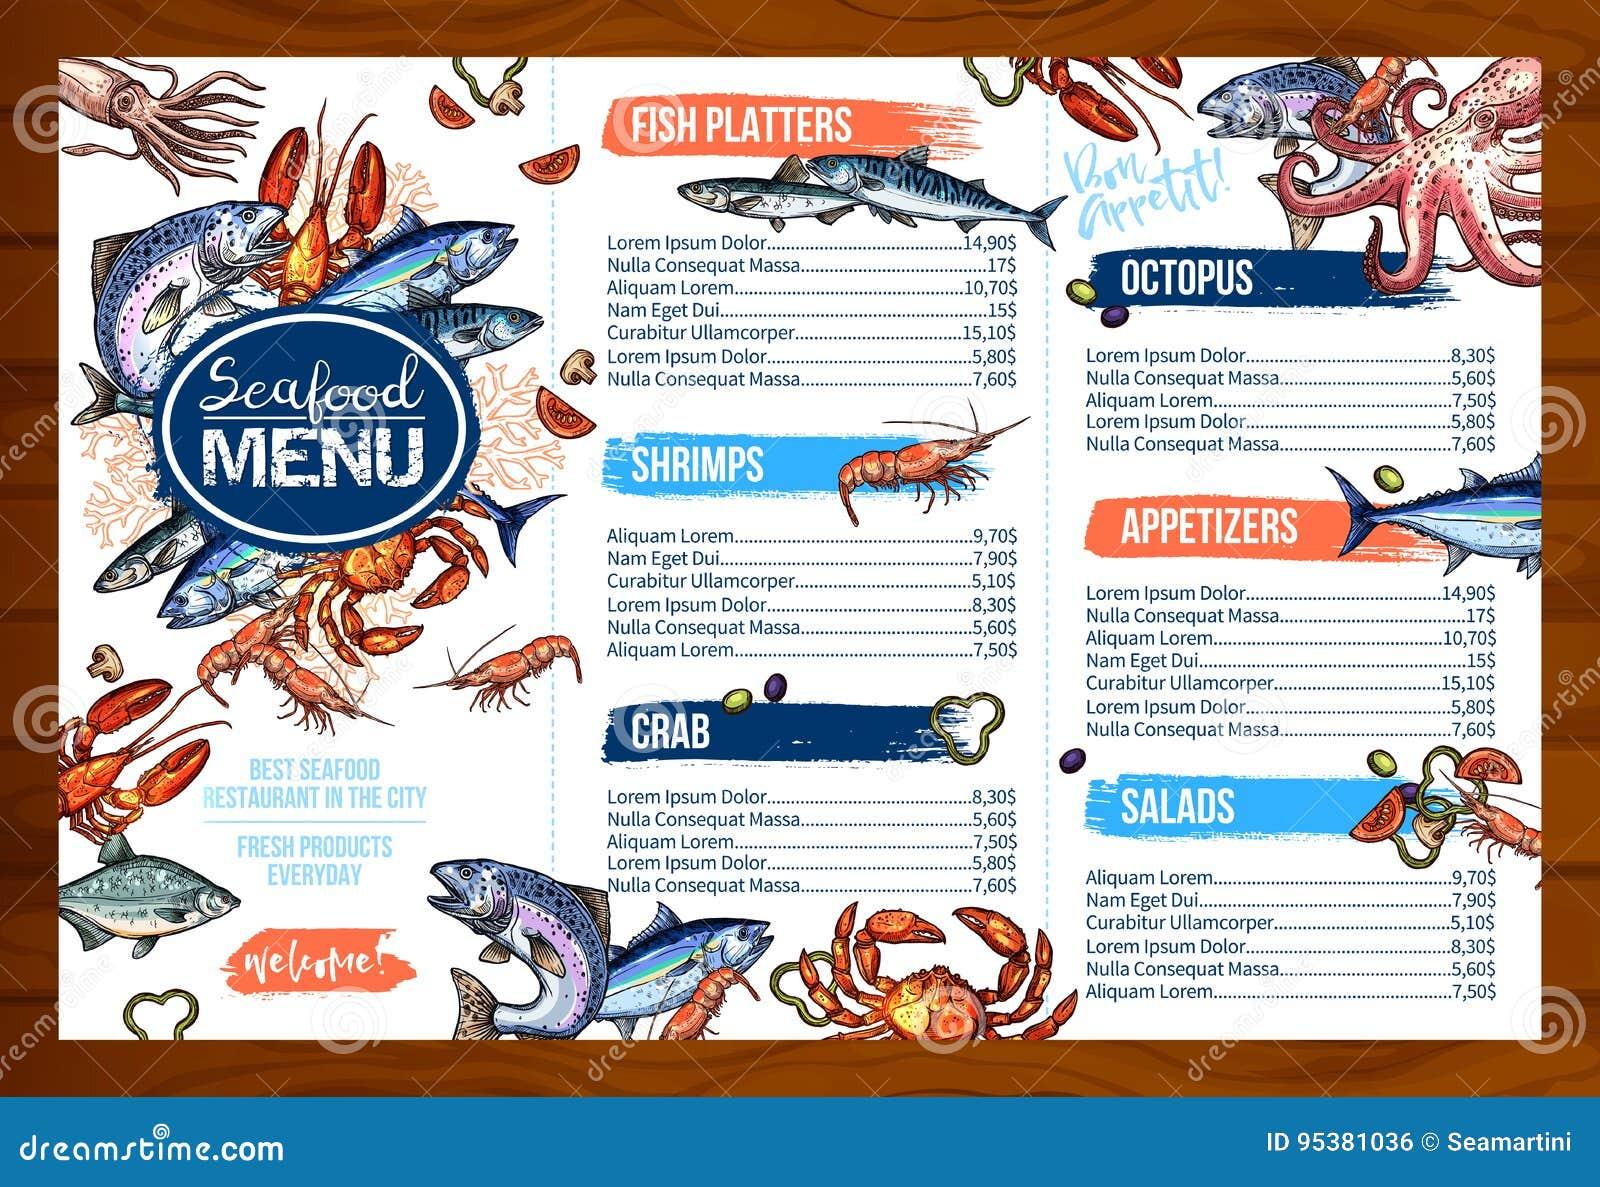 The Big Fish Restaurant Menu